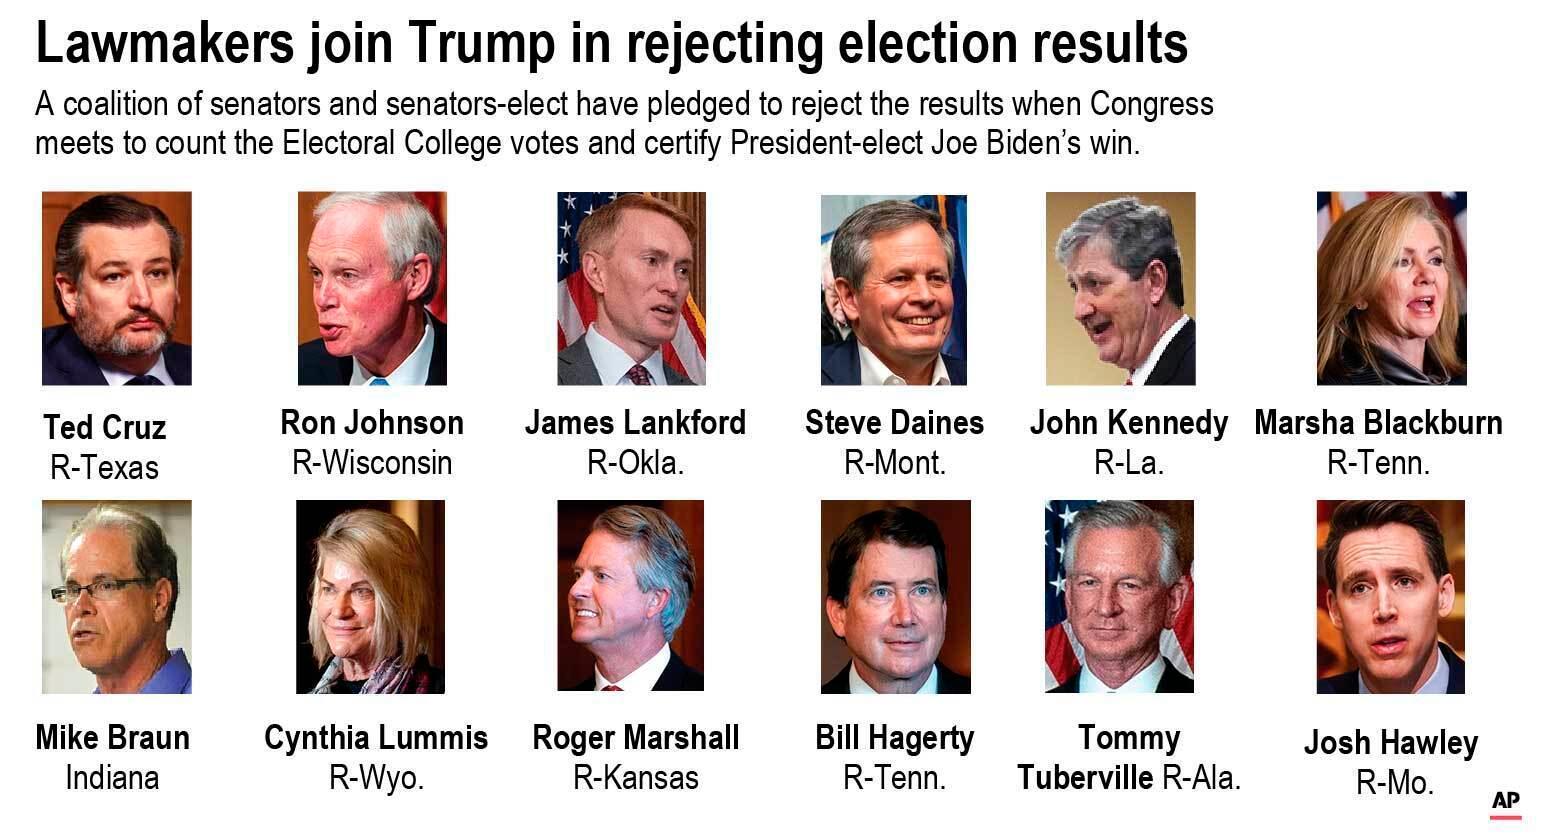 共和党将有12名参议员与100多名众议员对大选结果提出反对